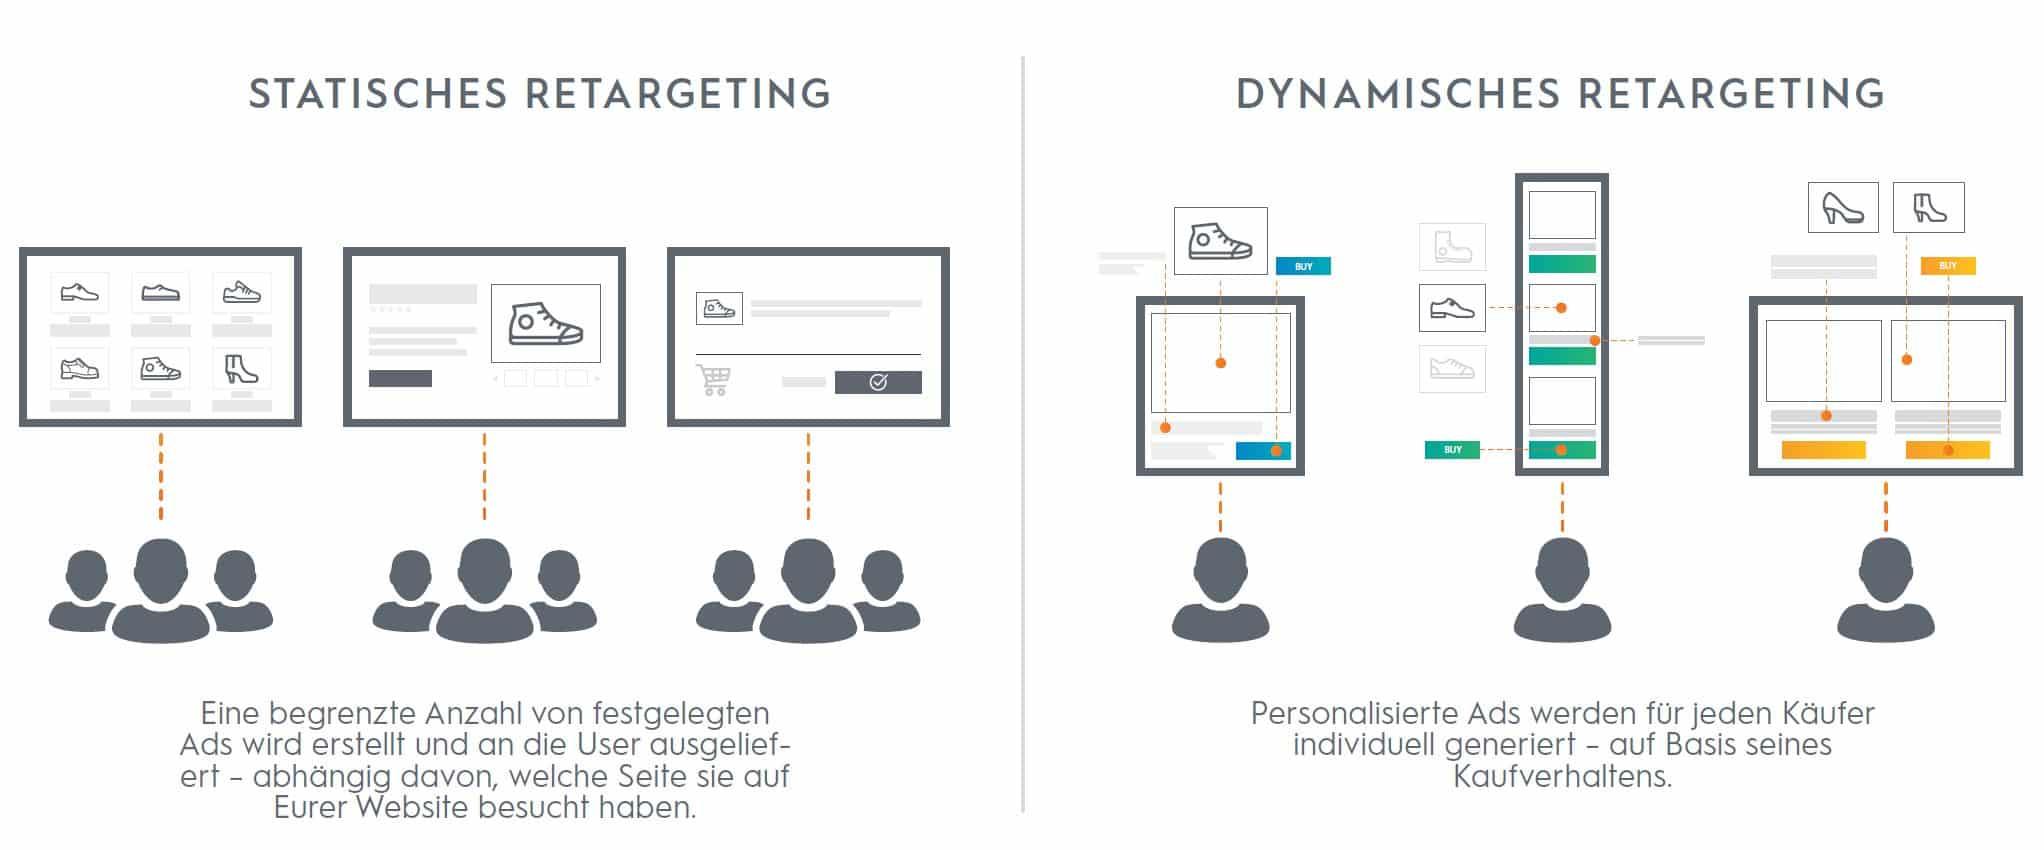 Mit dynamischen Retargeting können Sie Anzeigen noch personalisierter und passender Ihren Kunden ausspielen.